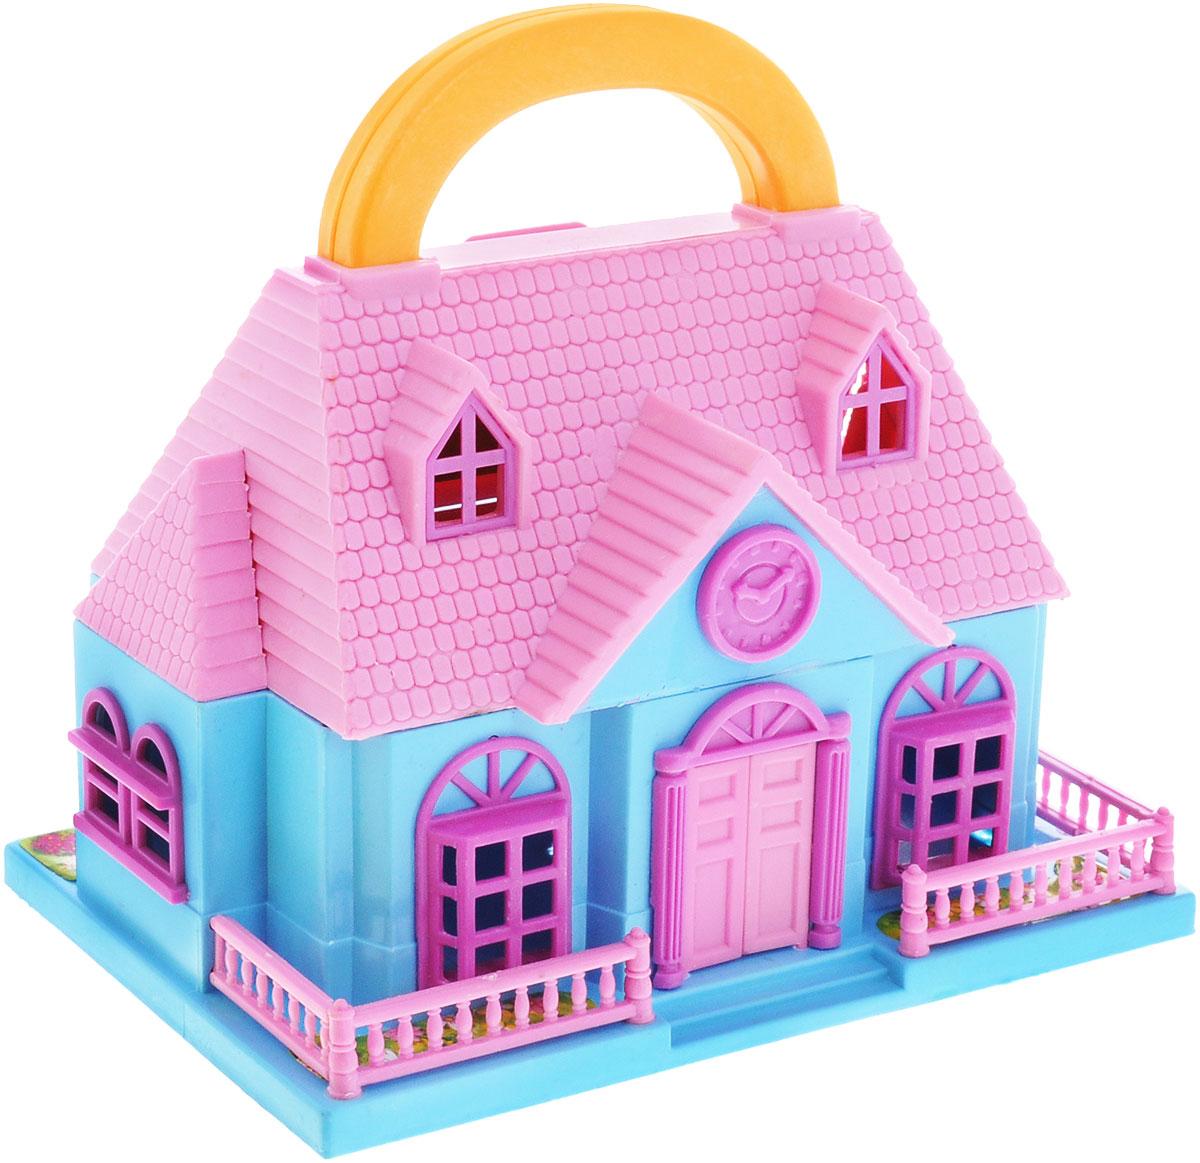 1TOY Игровой набор Домик цвет розовый голубойТ52954Игровой набор 1TOY Домик в виде чемоданчика, который можно носить с собой, включает аксессуары для игровой обстановки и фигурки человечков. Раскрой его - и перед тобой откроется удивительный маленький мир, где крошечные человечки живут своей жизнью. Достаточно лишь дать волю фантазии, чтобы создать самые разные игровые ситуации. Также для игры с домиком подходят любые крохотные куколки и пупсики, фигурки животных.